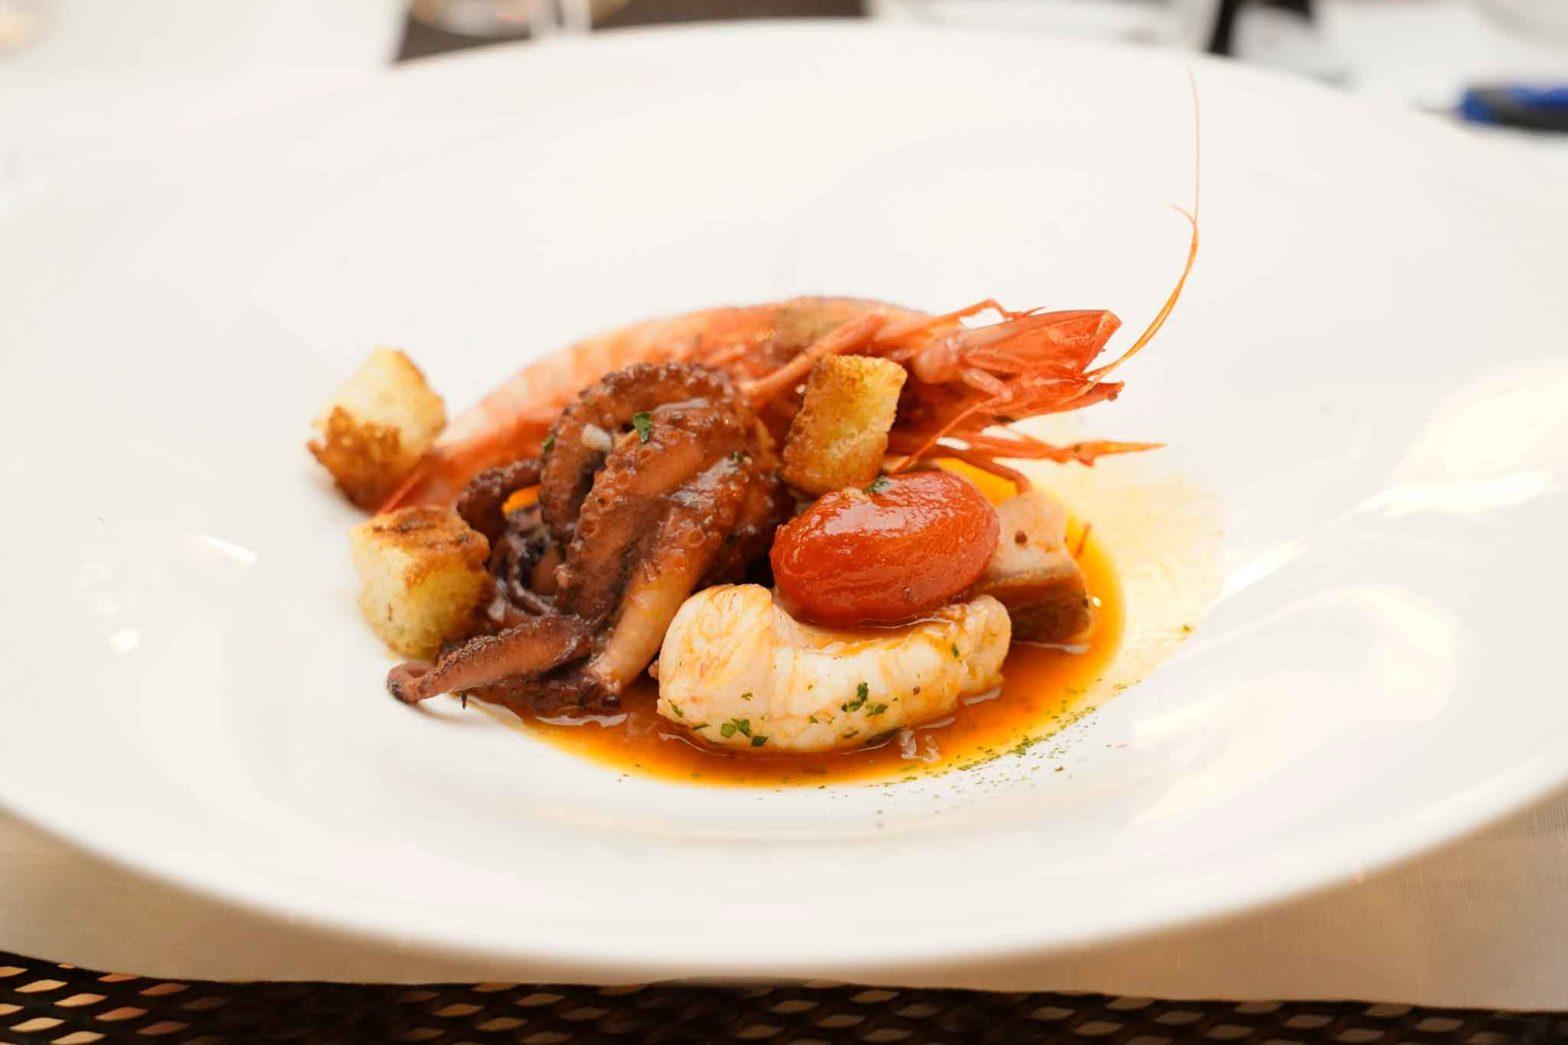 zuppa di pesce Locanda Le Tre Sorelle Casal Velino